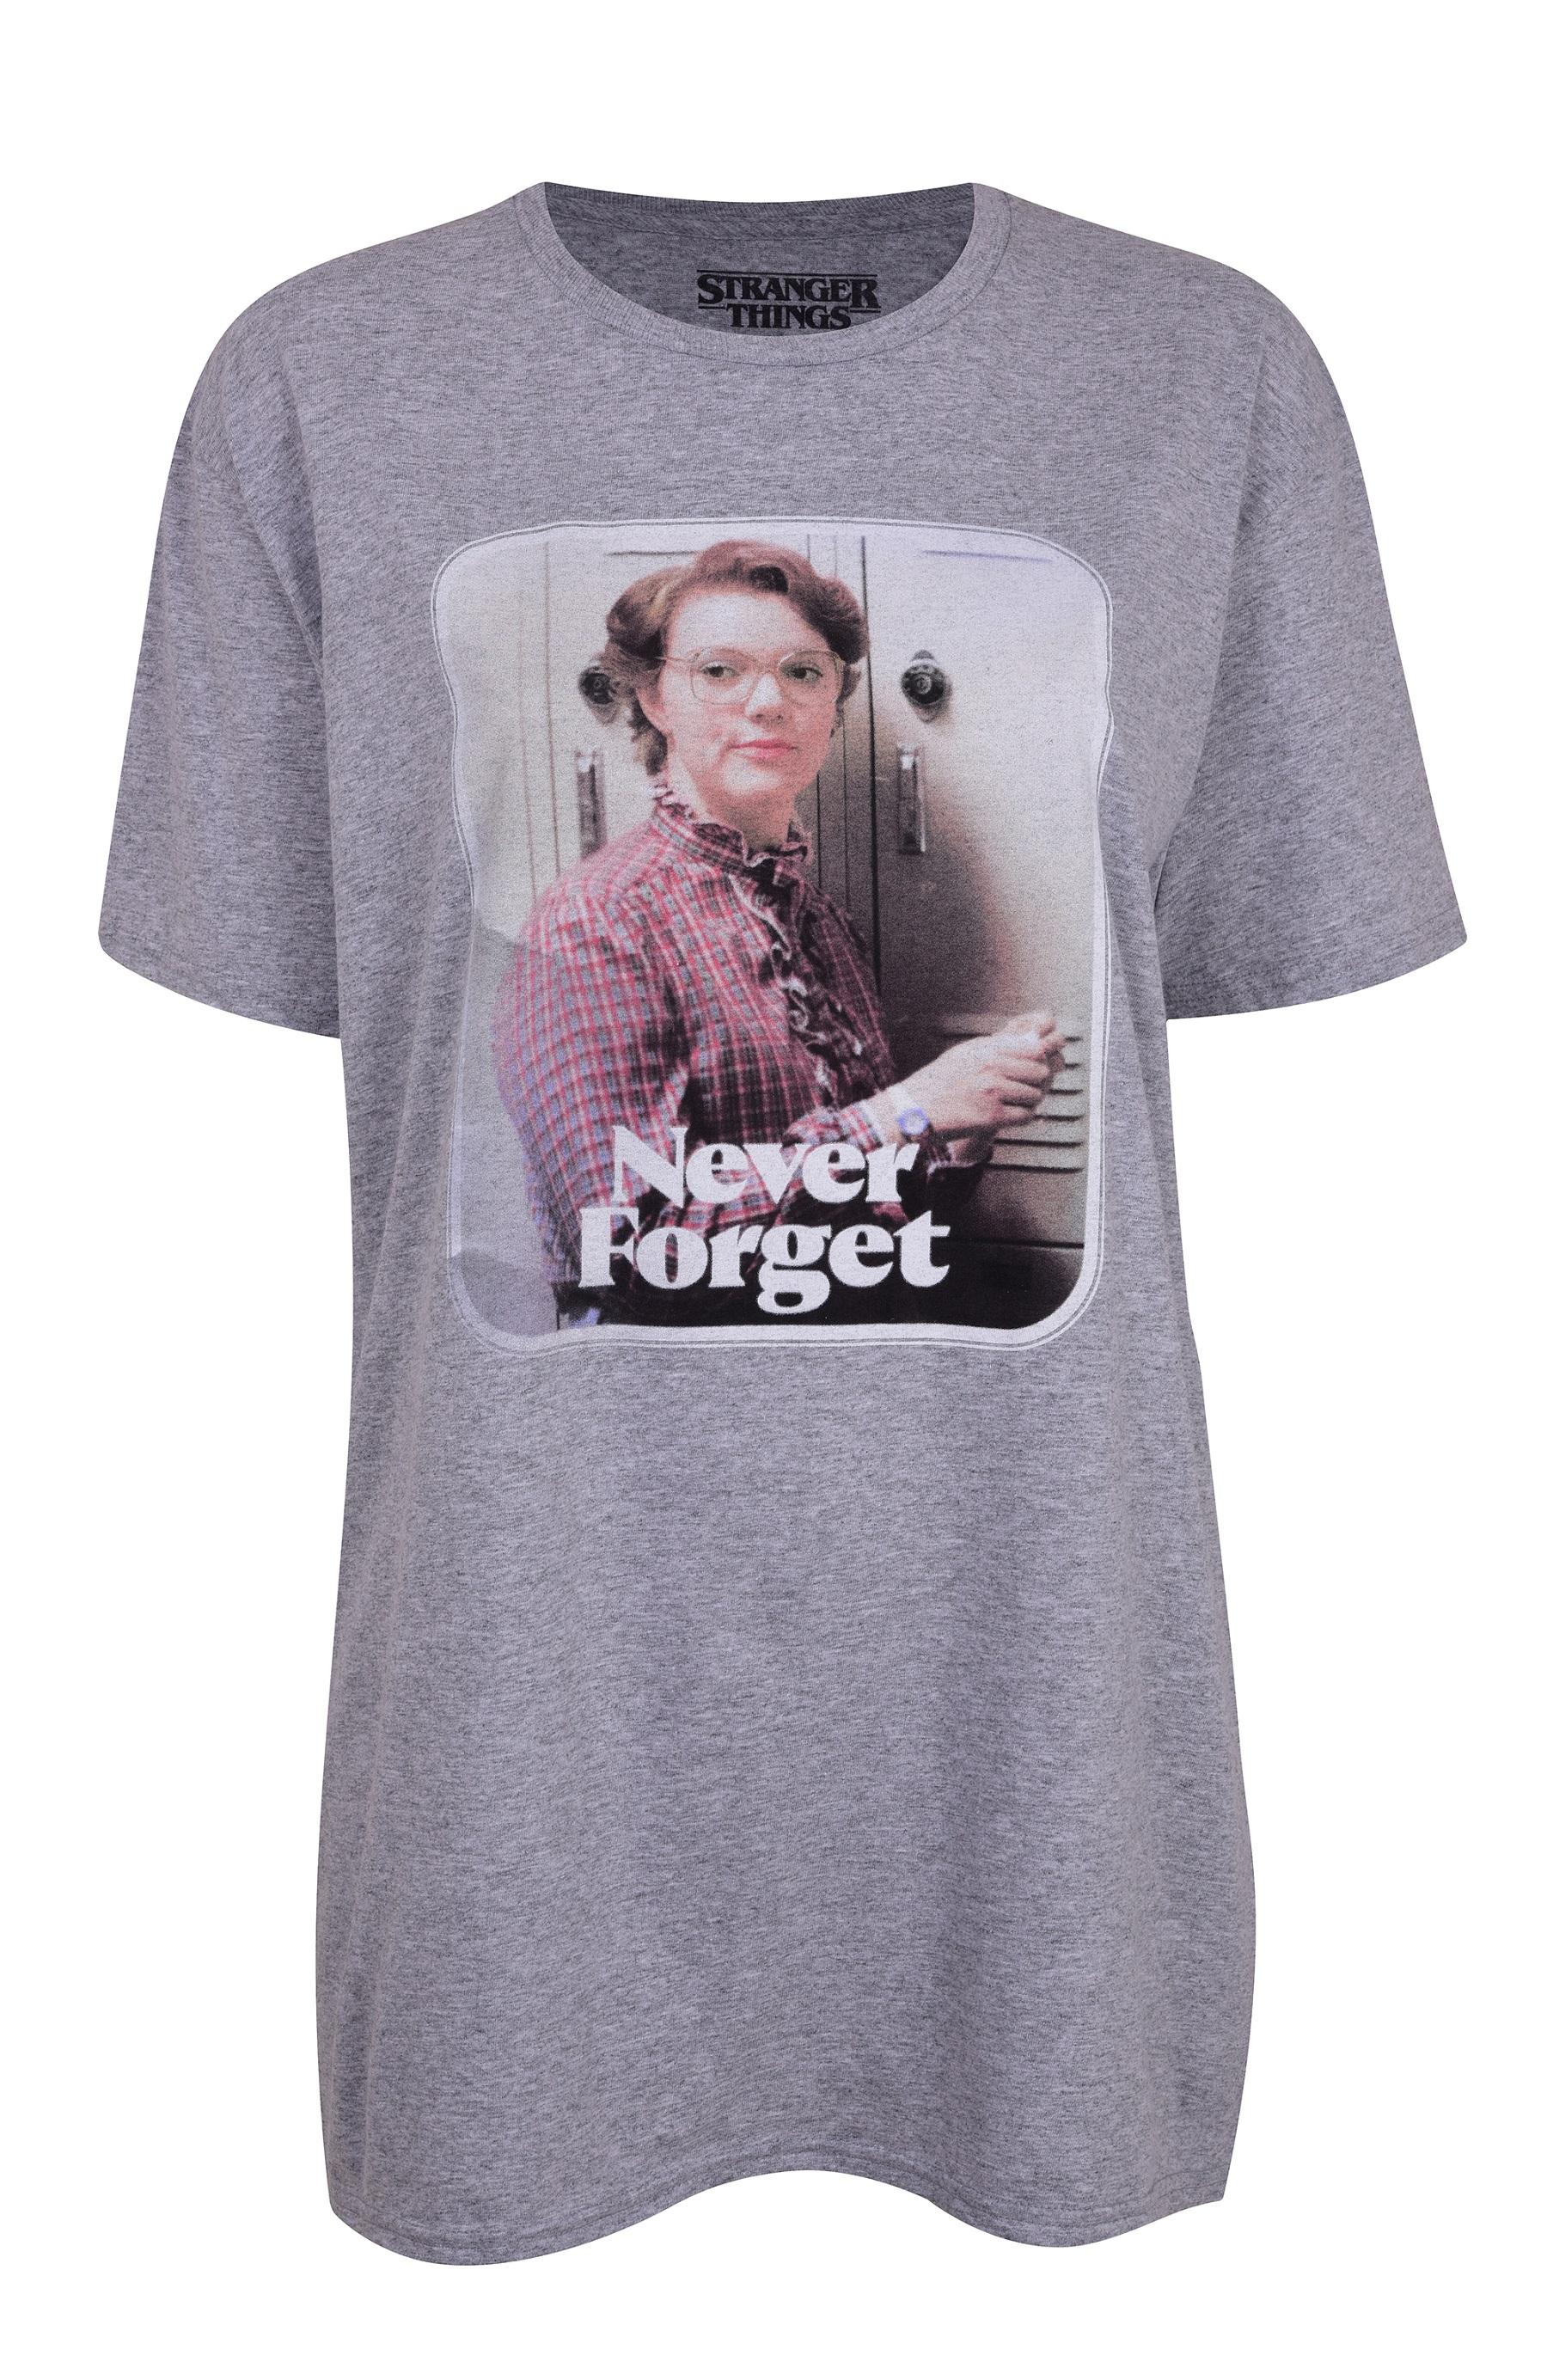 Barb tshirt